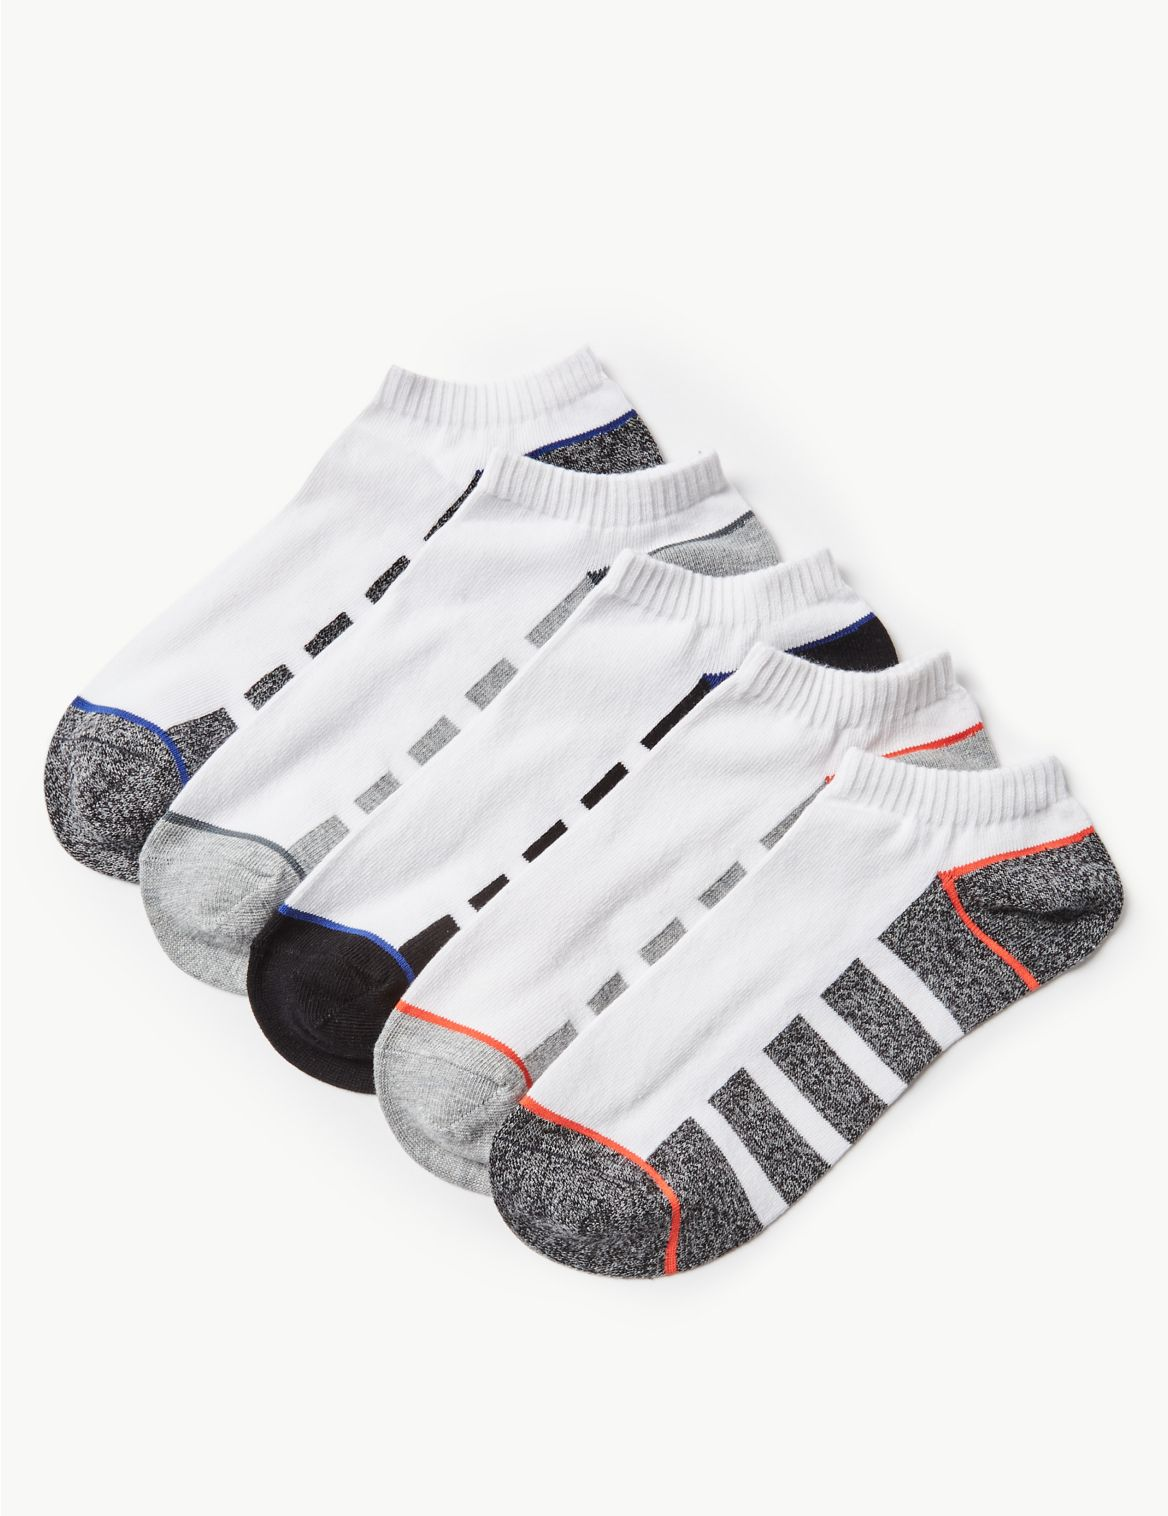 Lot de 5paires de socquettes de sport en coton. StyleForme du produit:Socquettes de sport;Tissu extensible